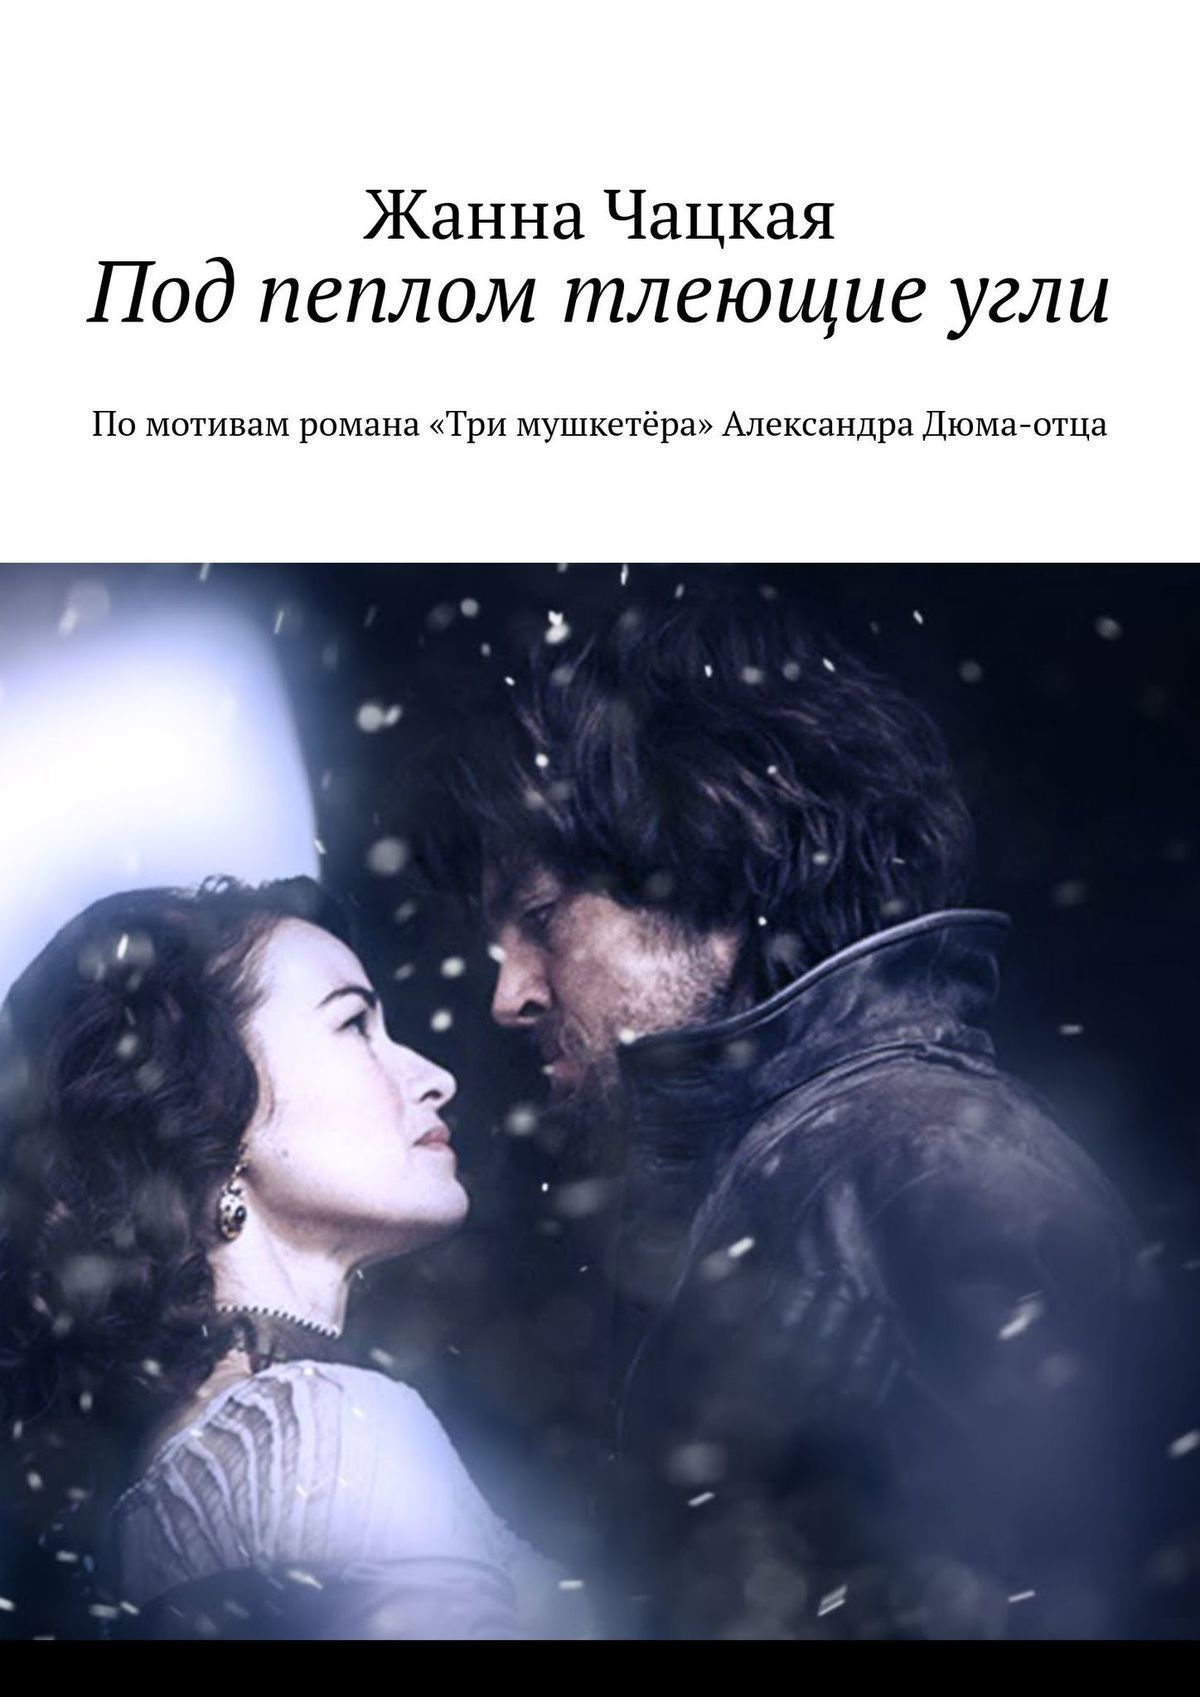 Жанна Чацкая - Под пеплом тлеющие угли. Помотивам романа «Три мушкетёра» Александра Дюма-отца